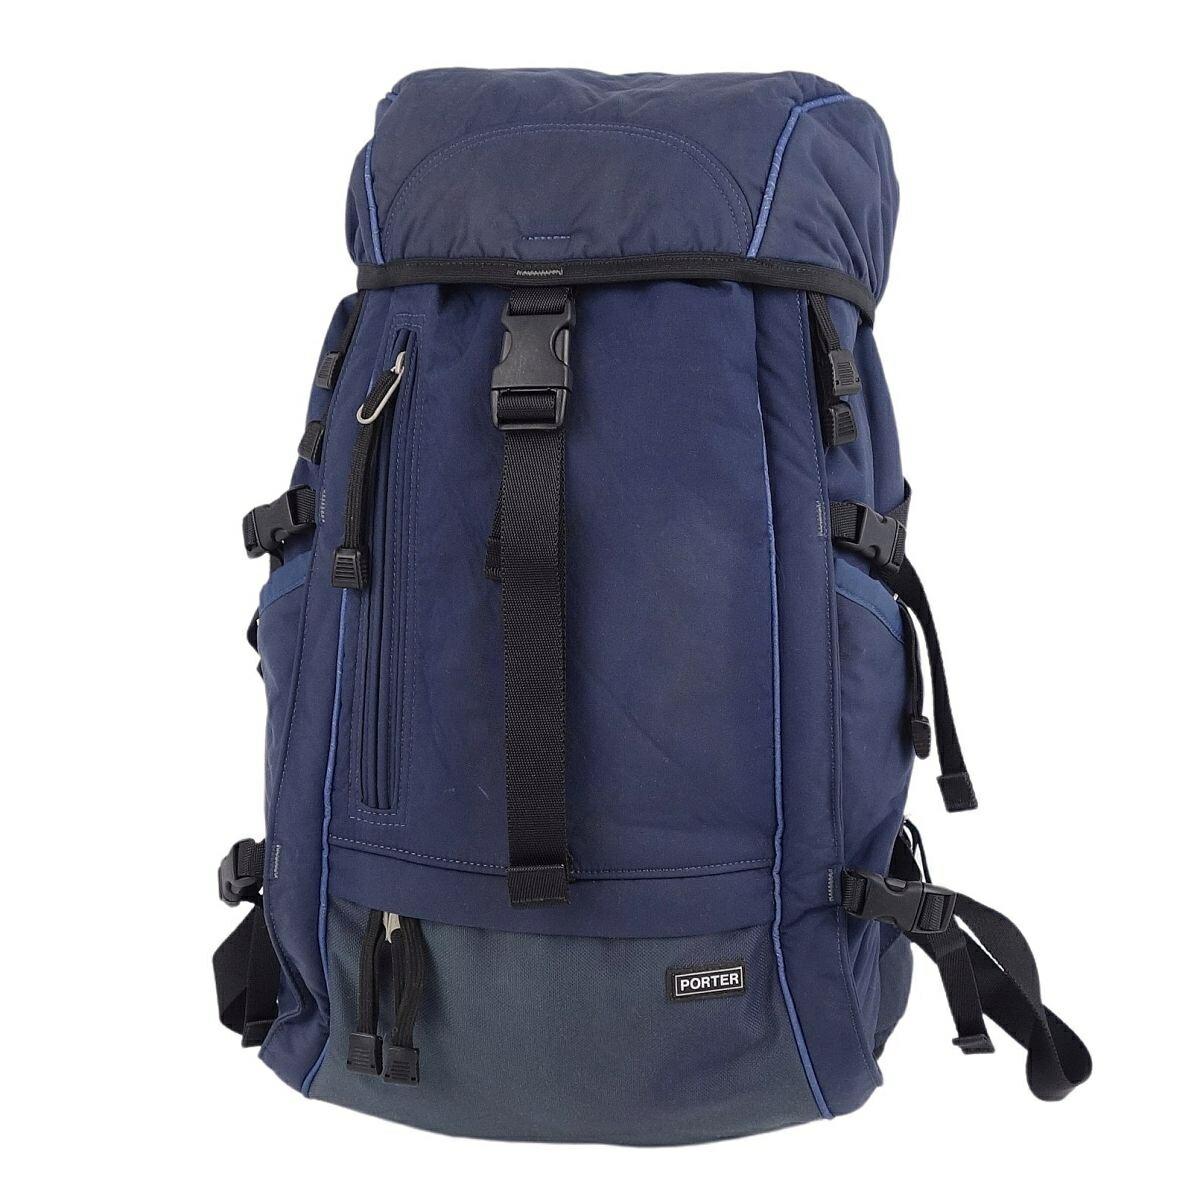 Porter PORTER nylon backpack rucksack daypack men's navy blue